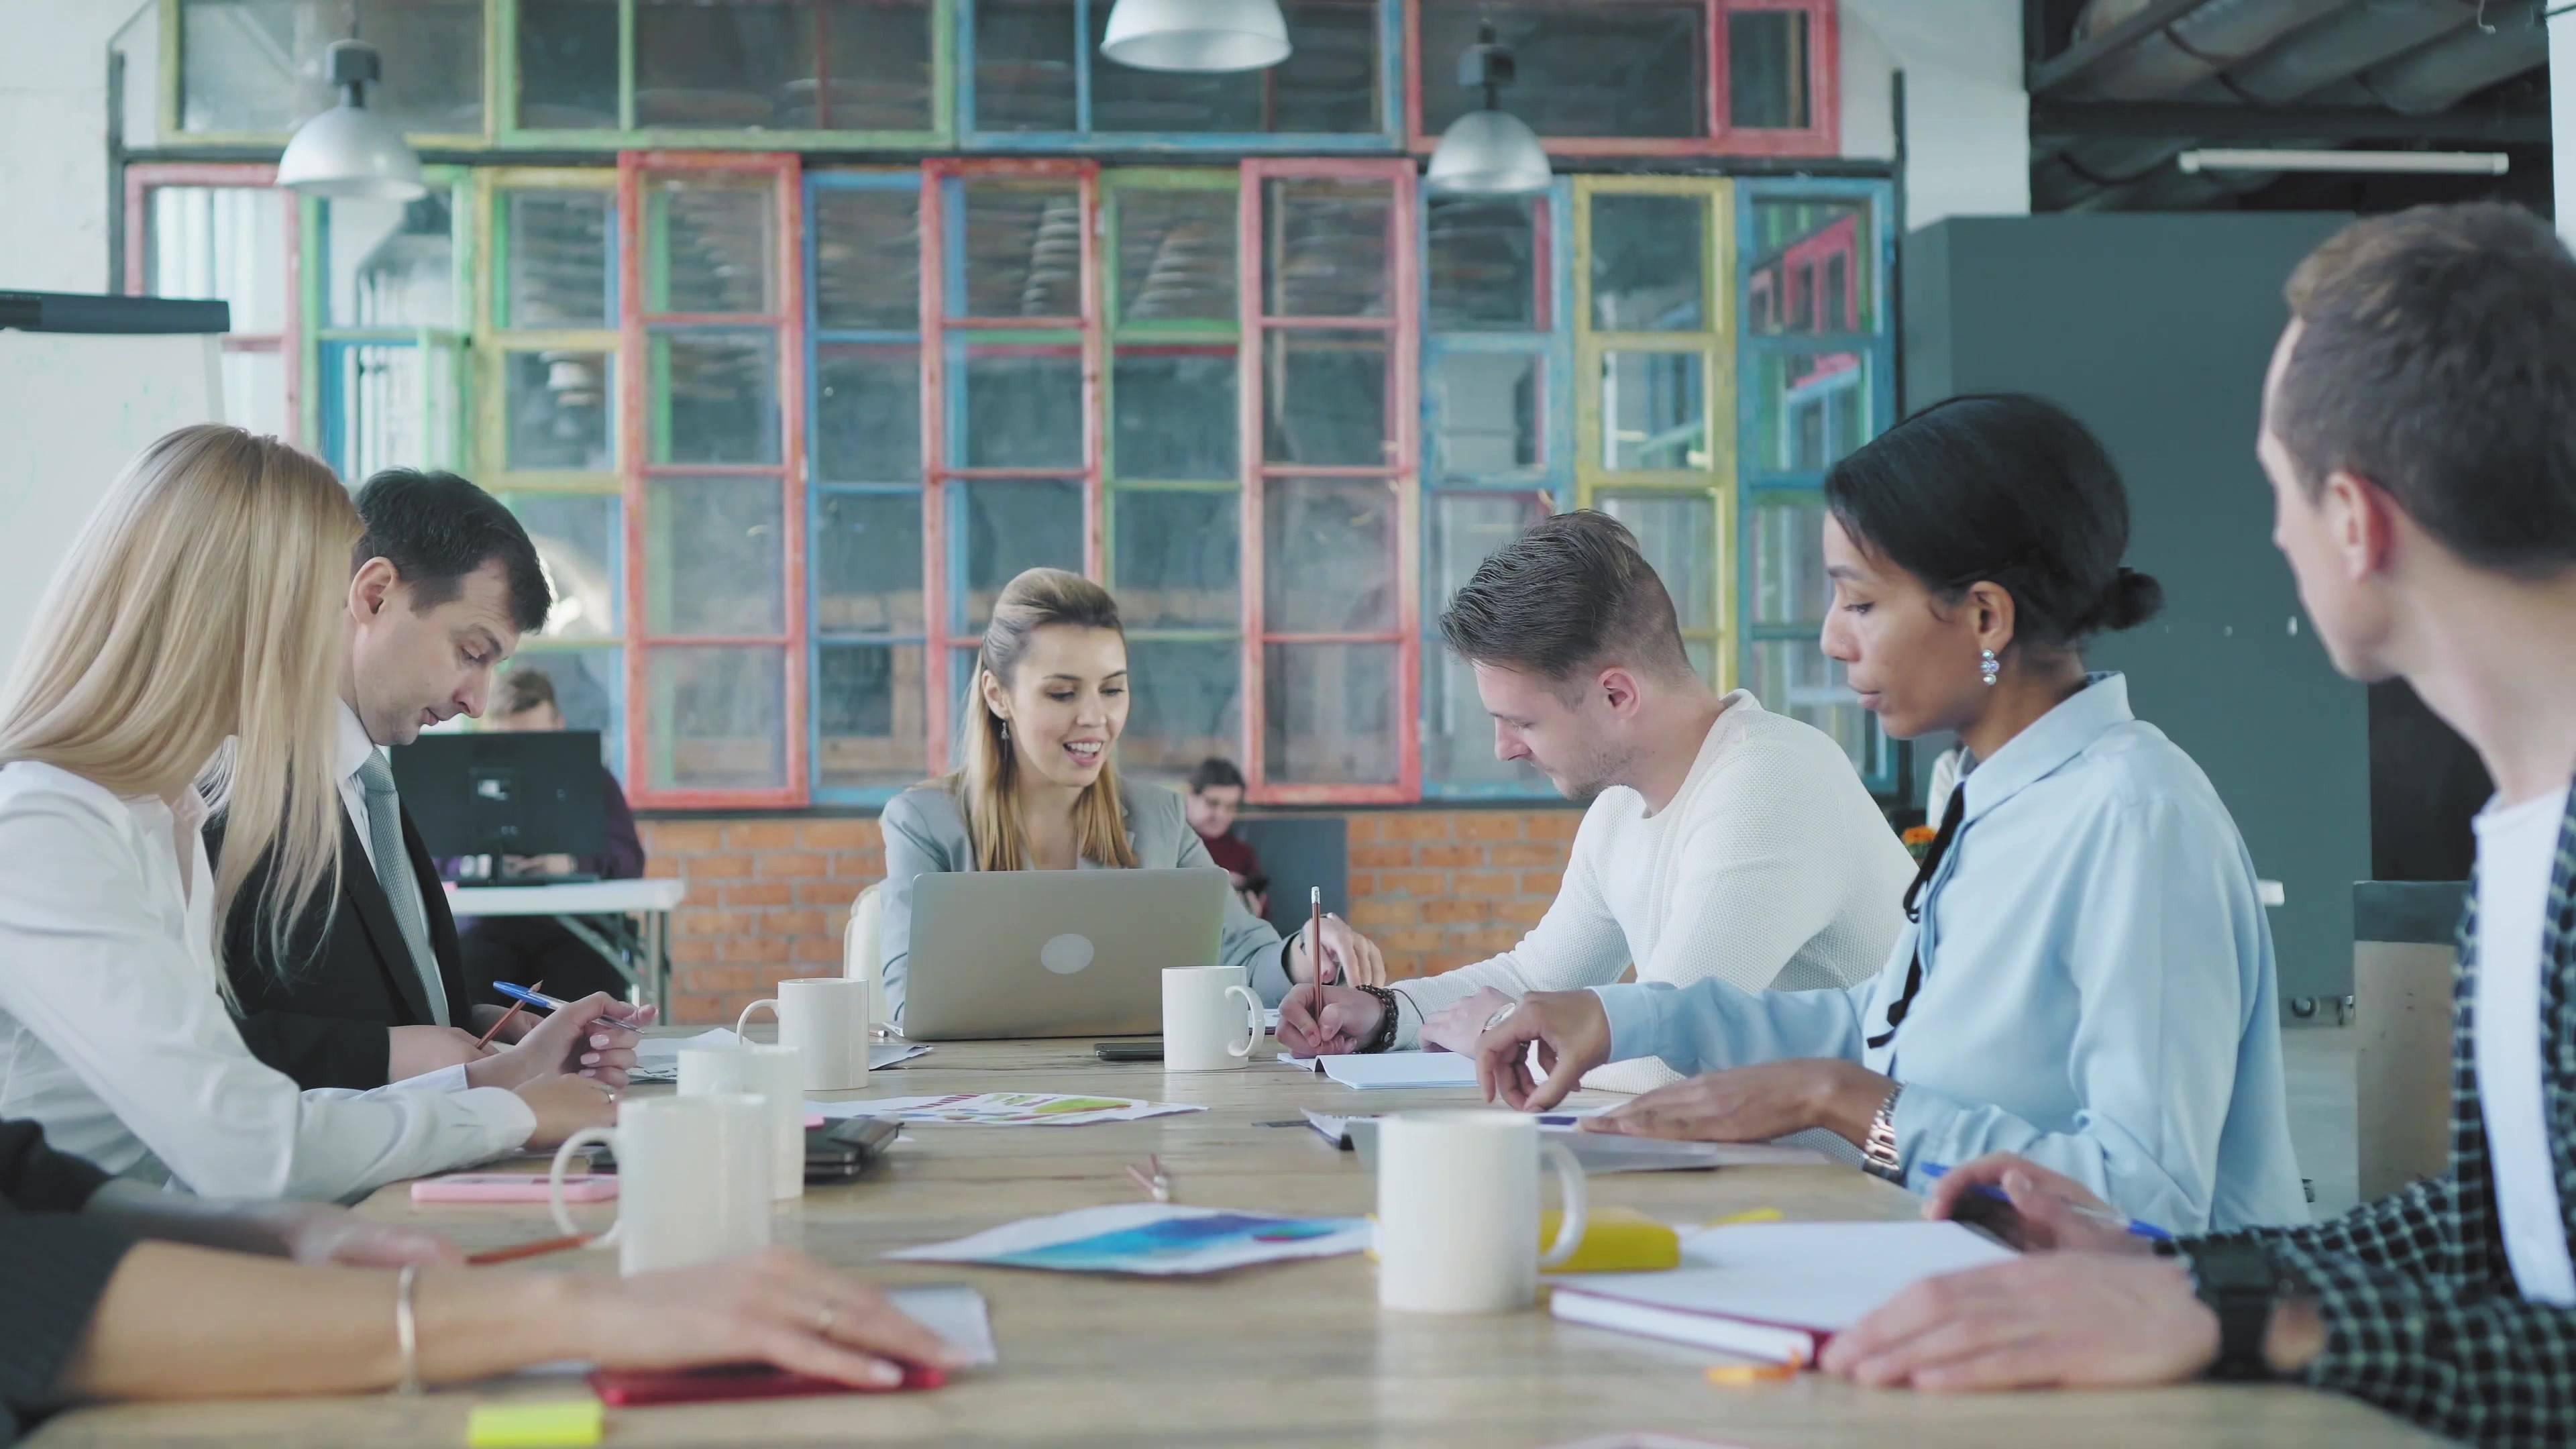 Close to home office e squad office são algumas das tendências para os escritórios no pós-pandemia. Foto: Bigstock